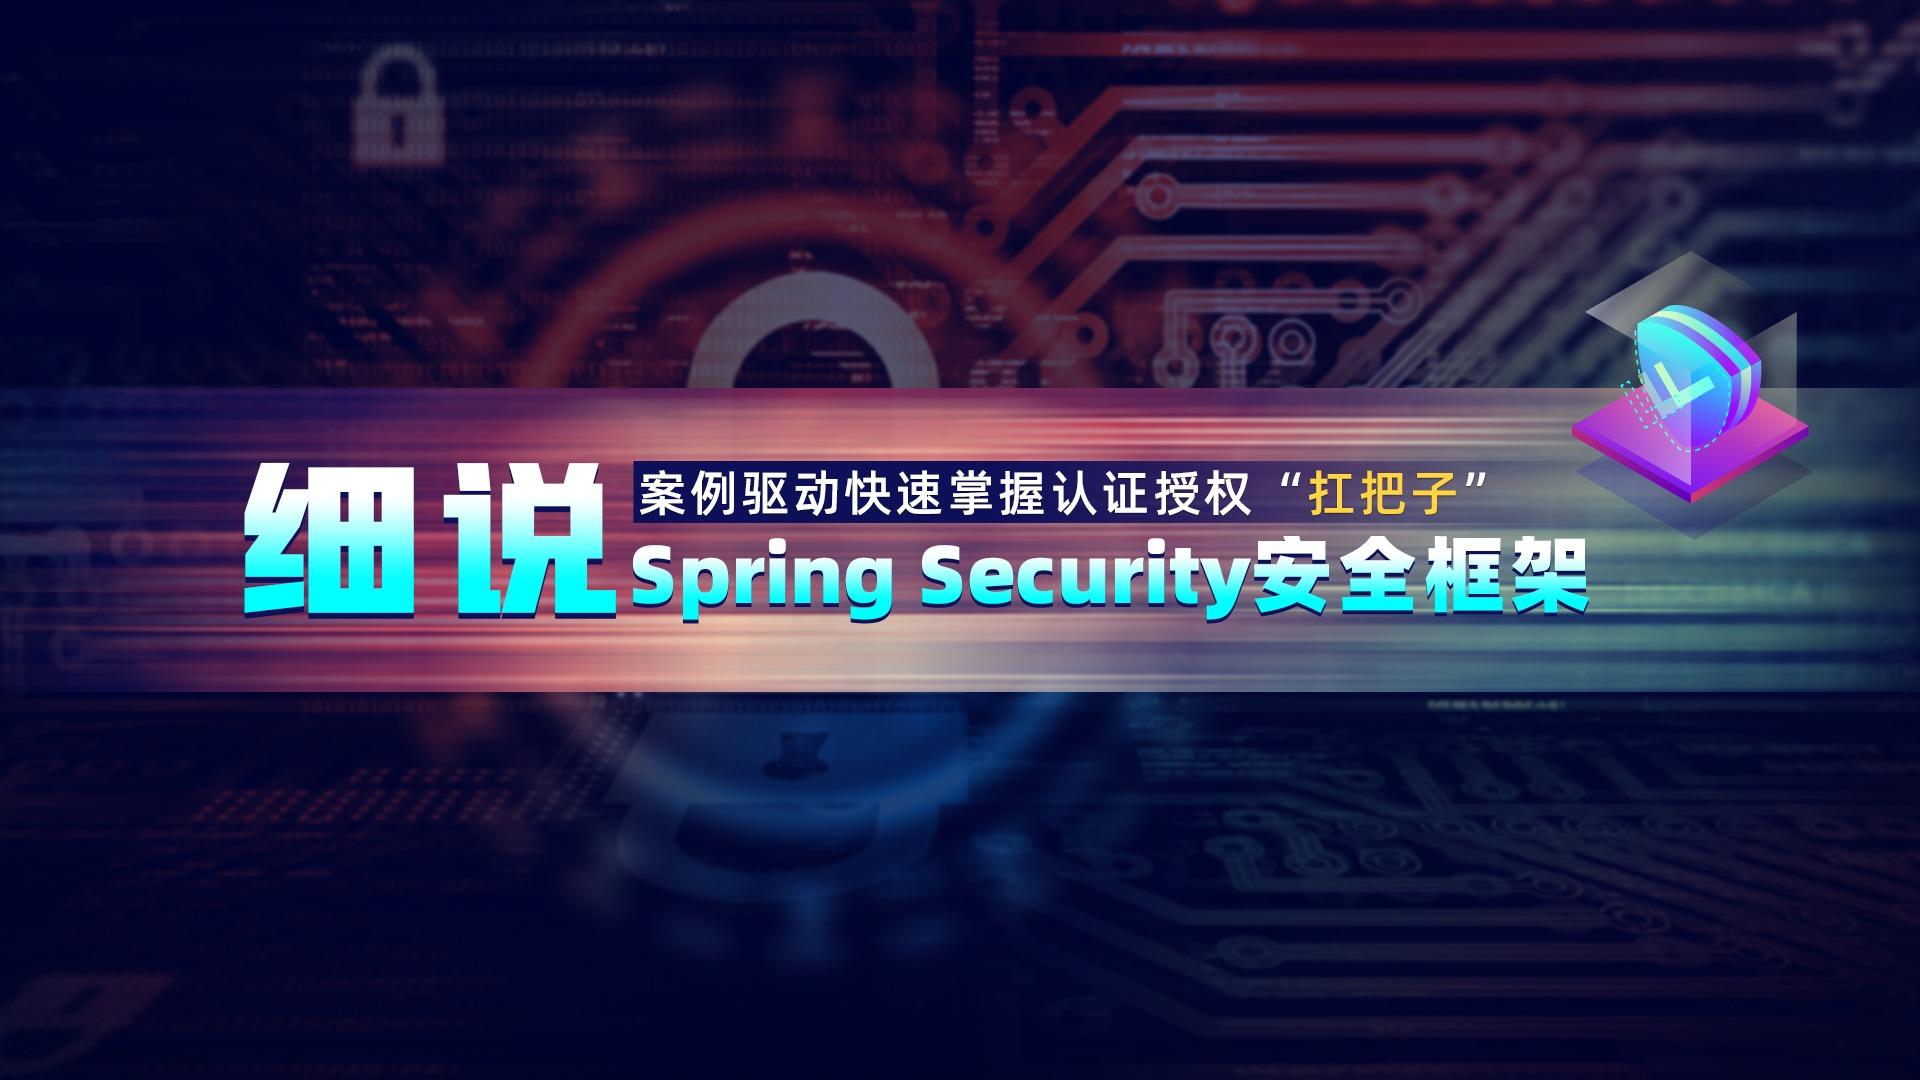 轻松掌握Security-11-基于内存用户信息的角色设置